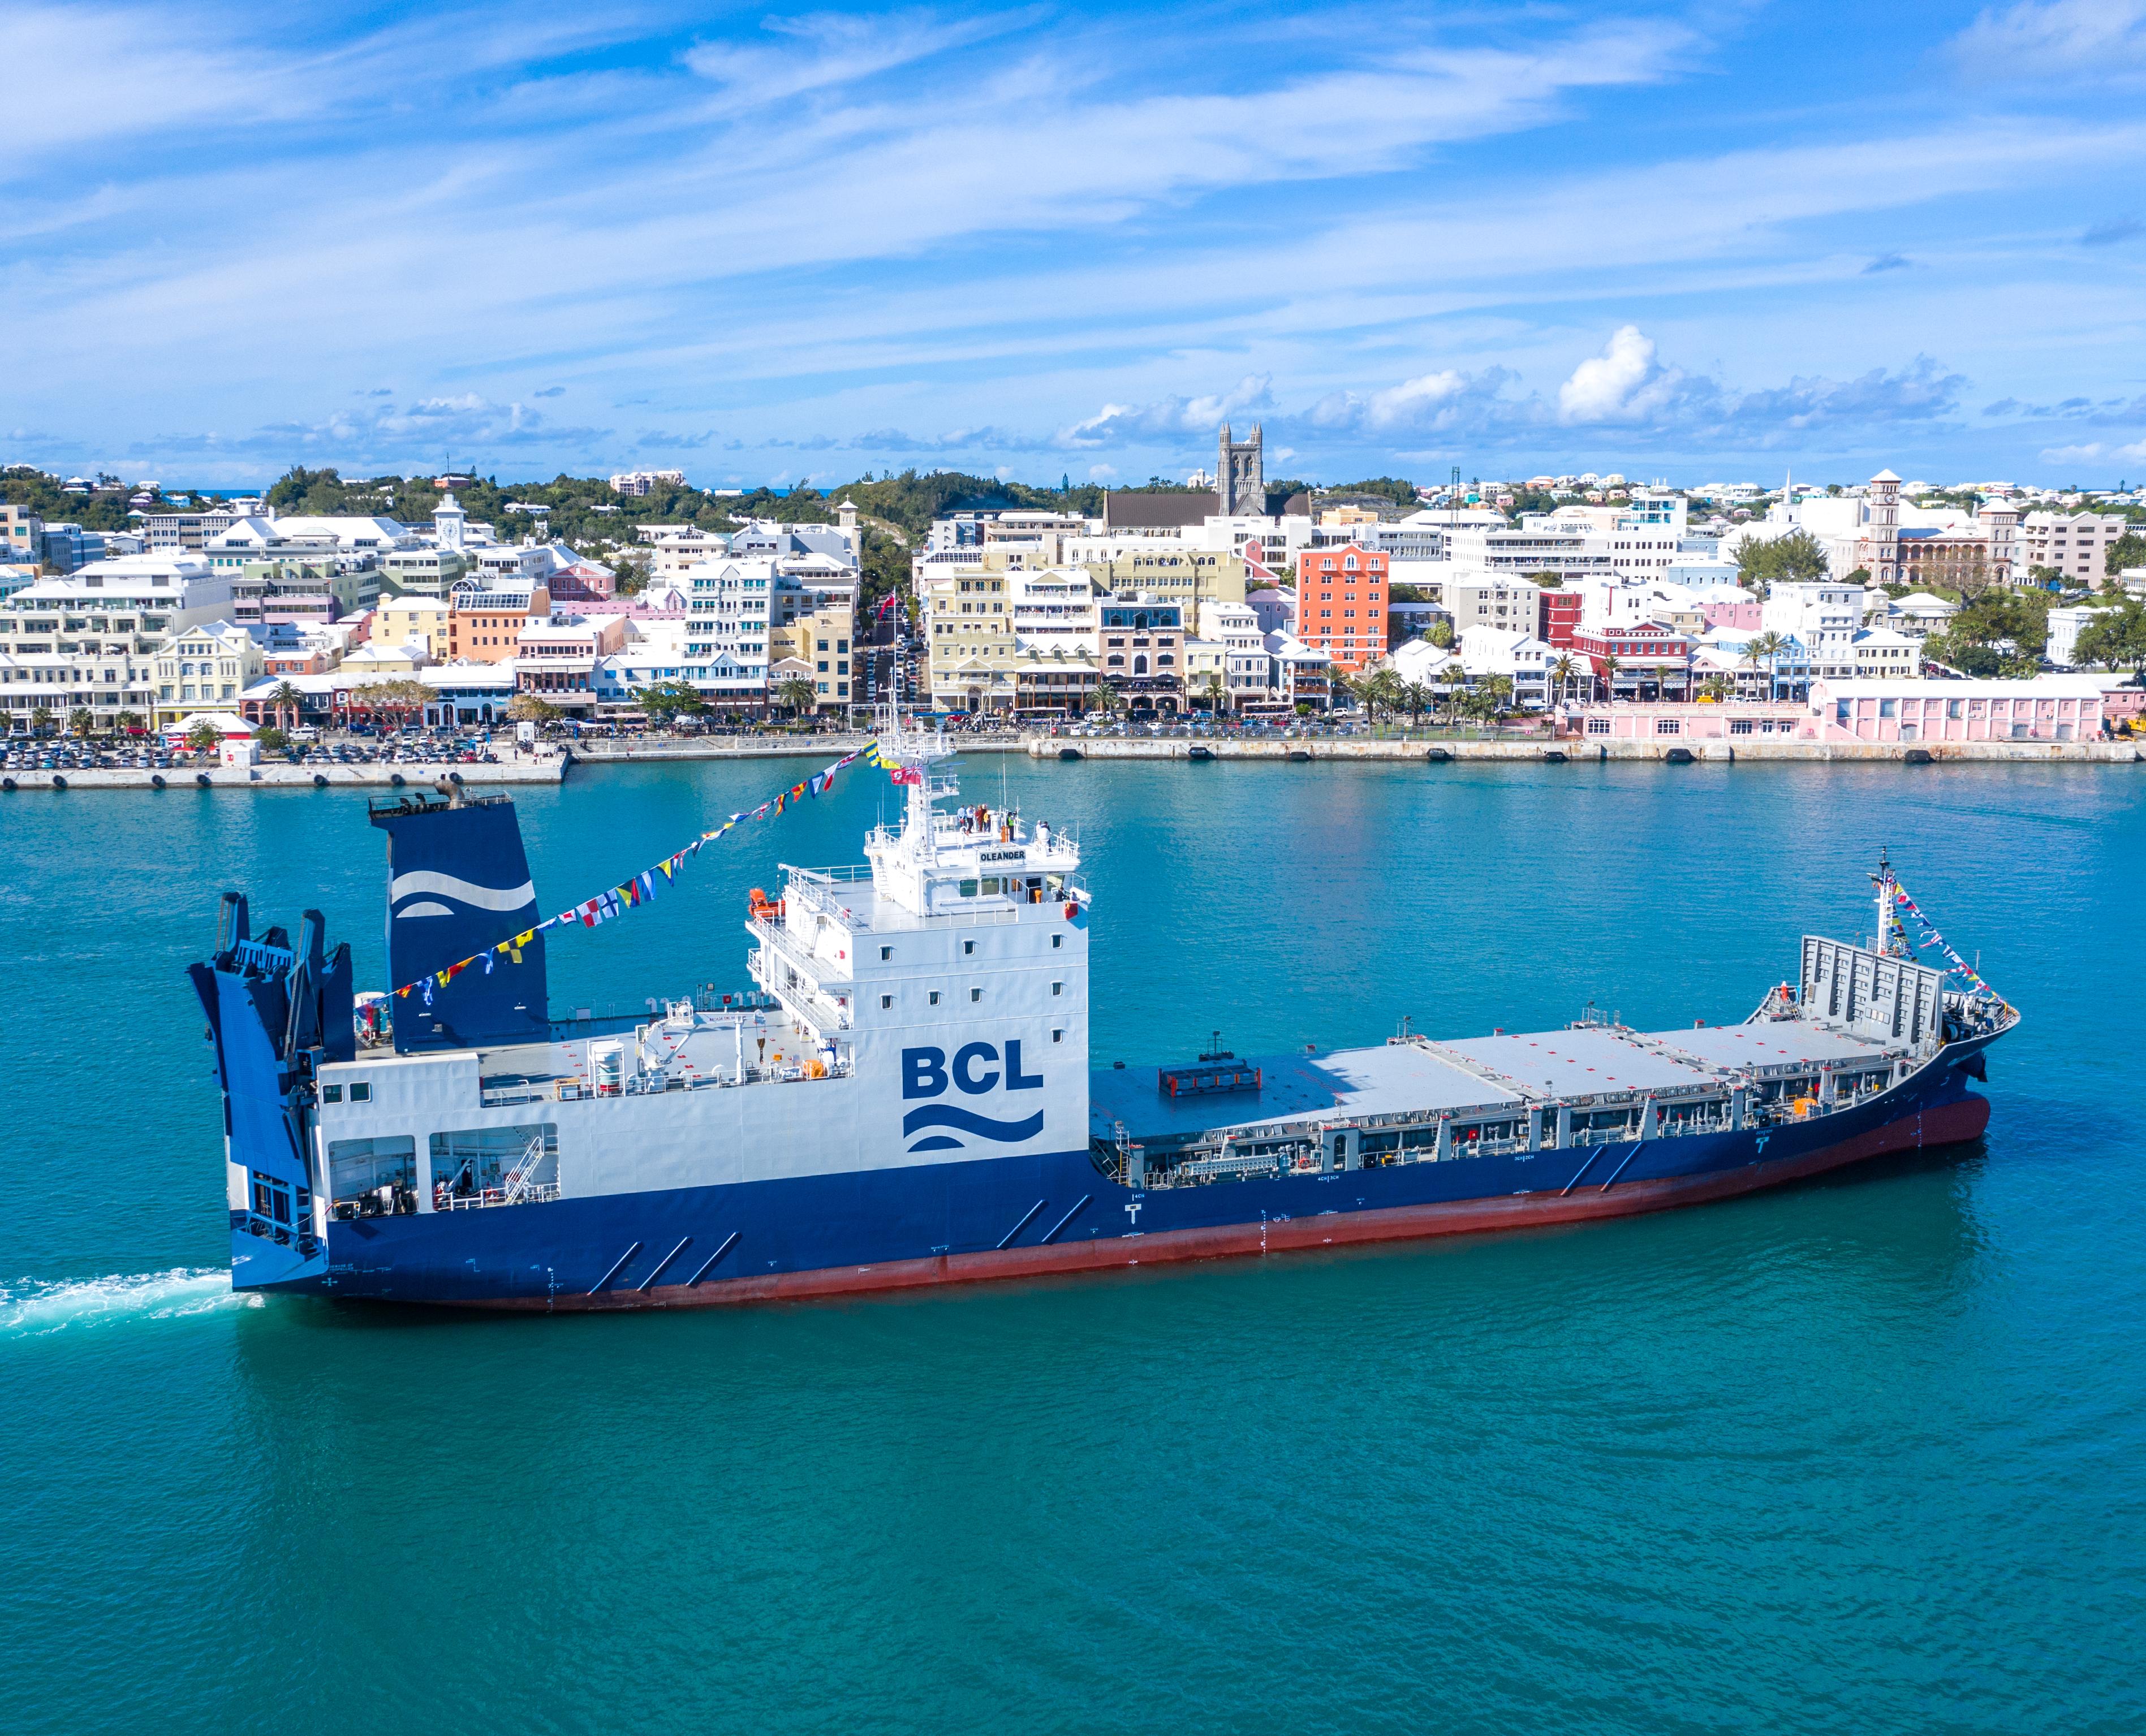 Bermuda Container Line